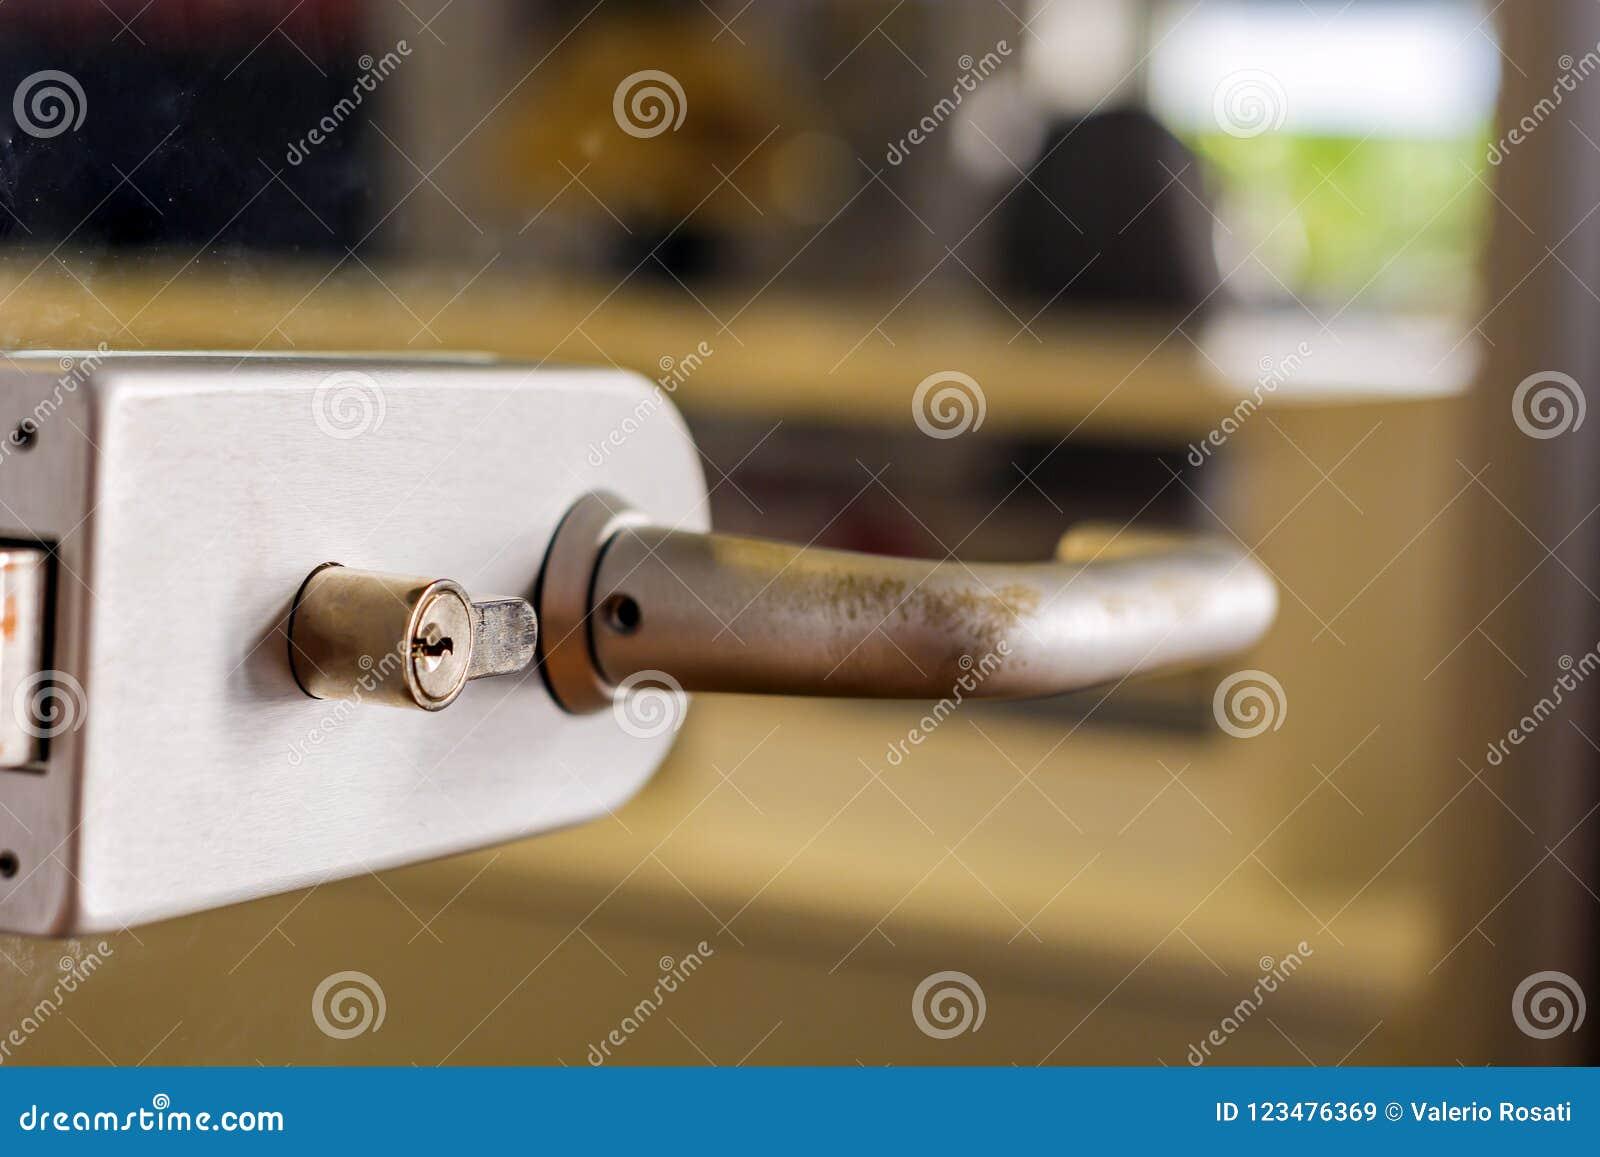 Contemporary Door Handle For A Glass Door Stock Image Image Of